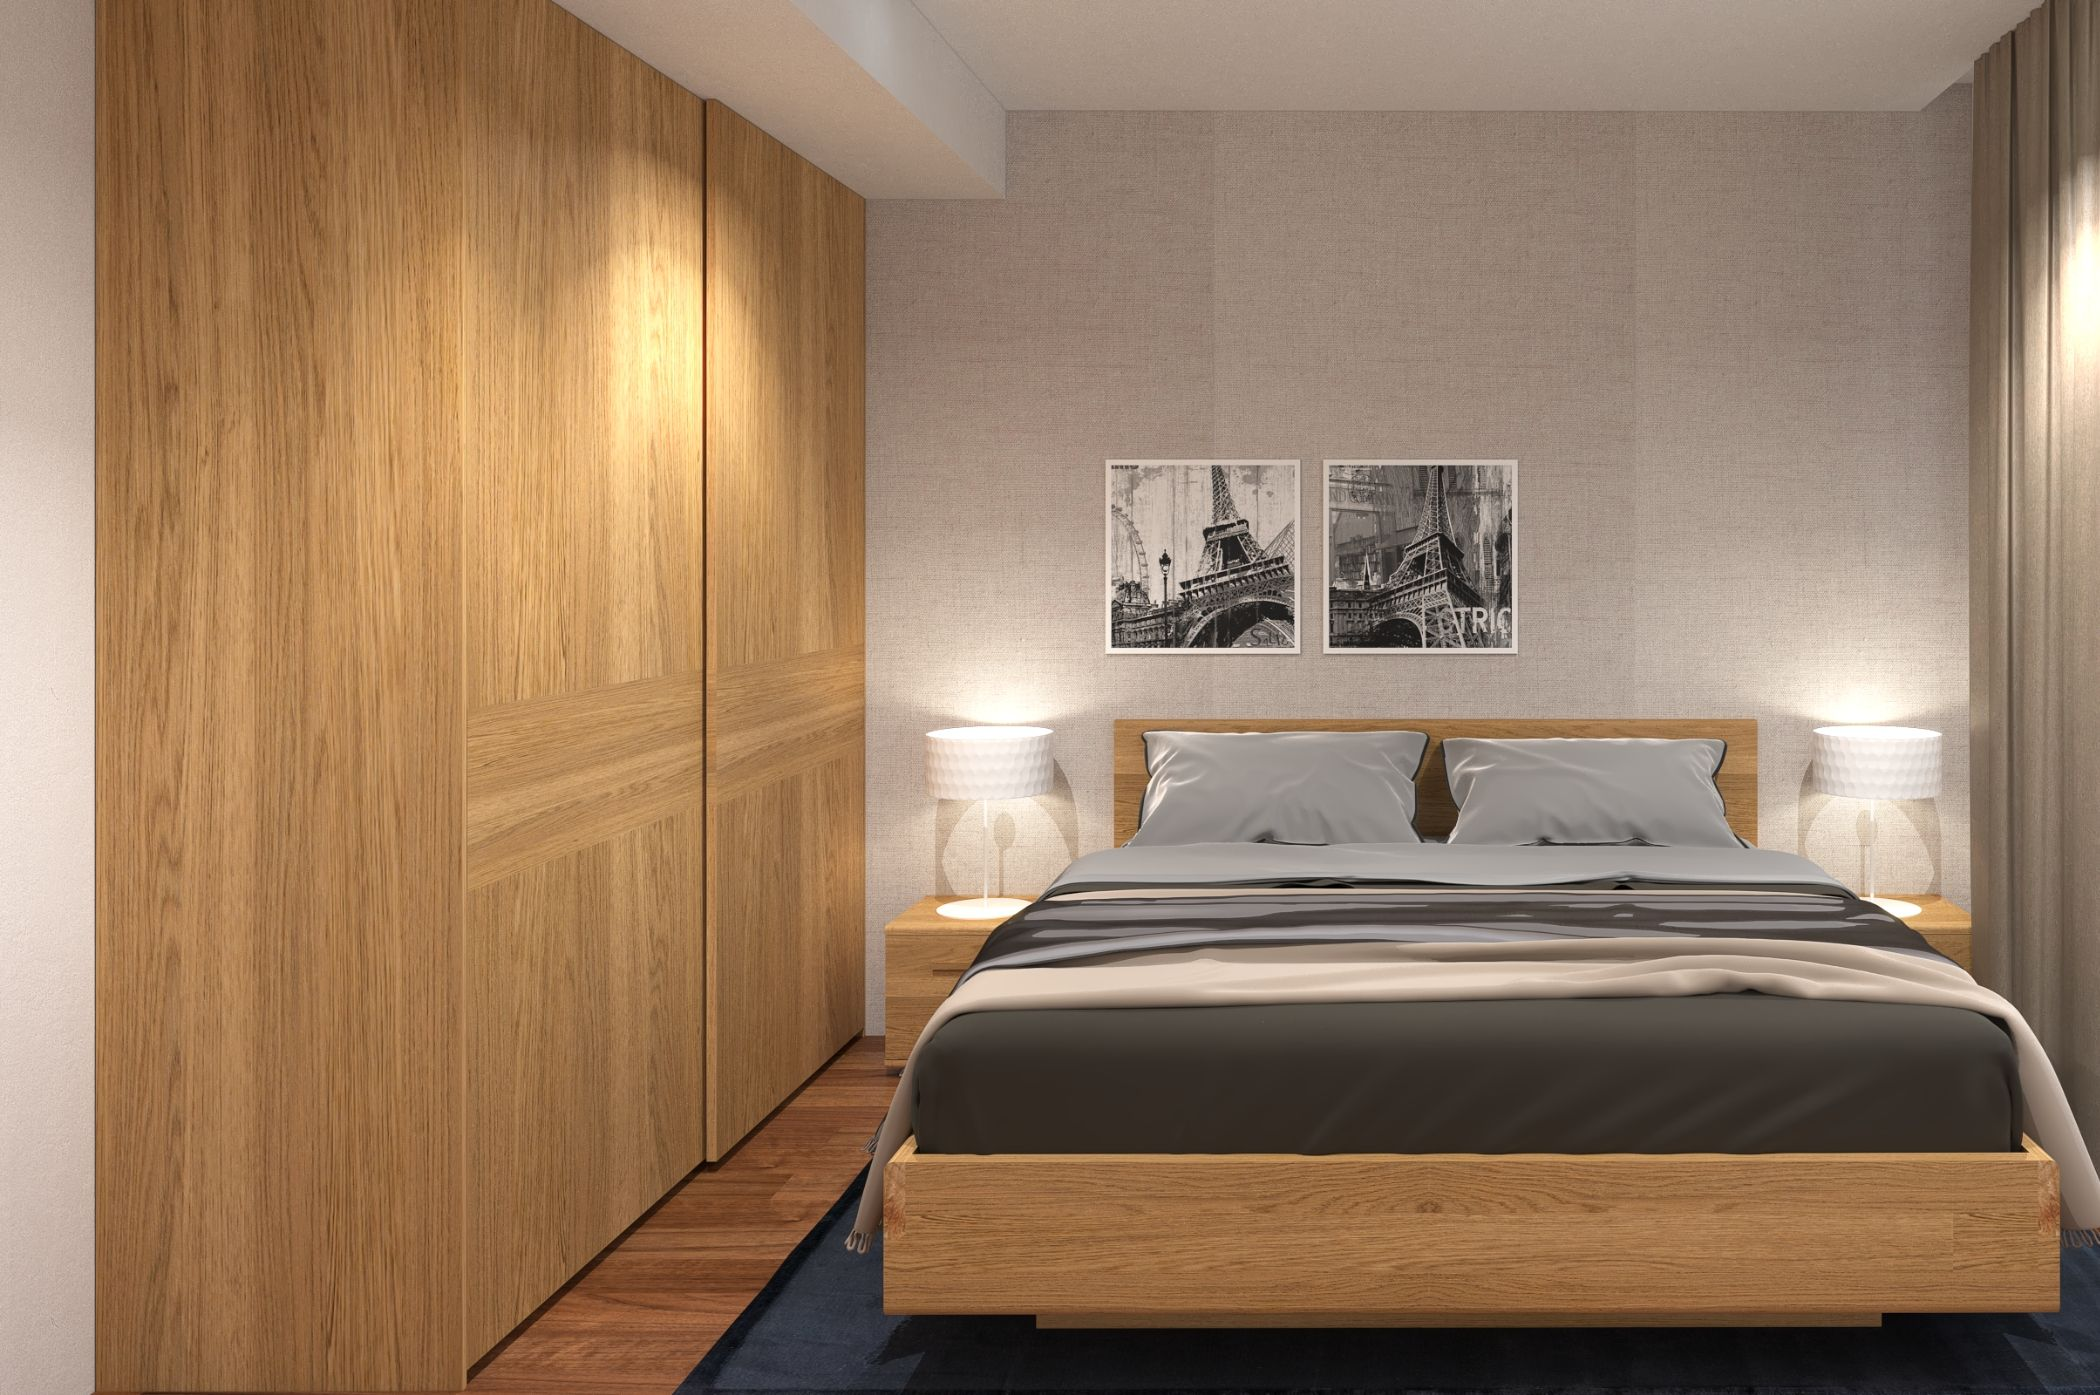 Phong cách nội thất đặc biệt với tủ gỗ âm tường